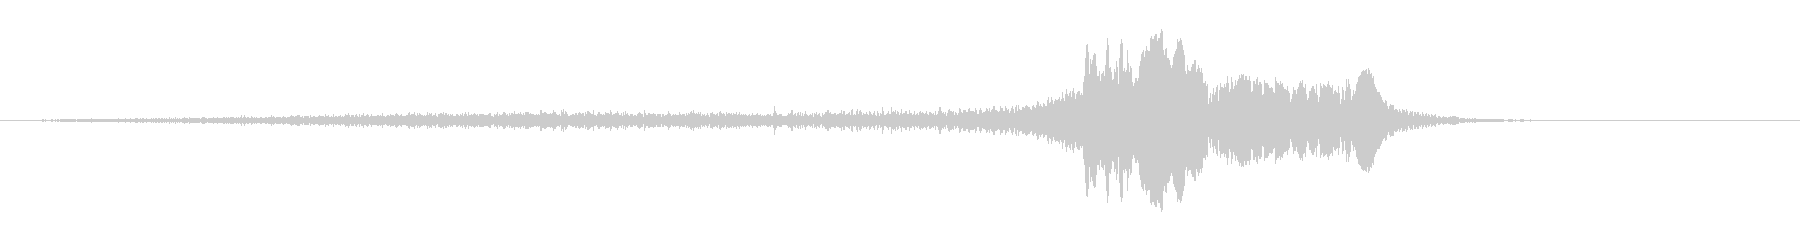 レッカー車:スローイン、アイドル、...の未再生の波形